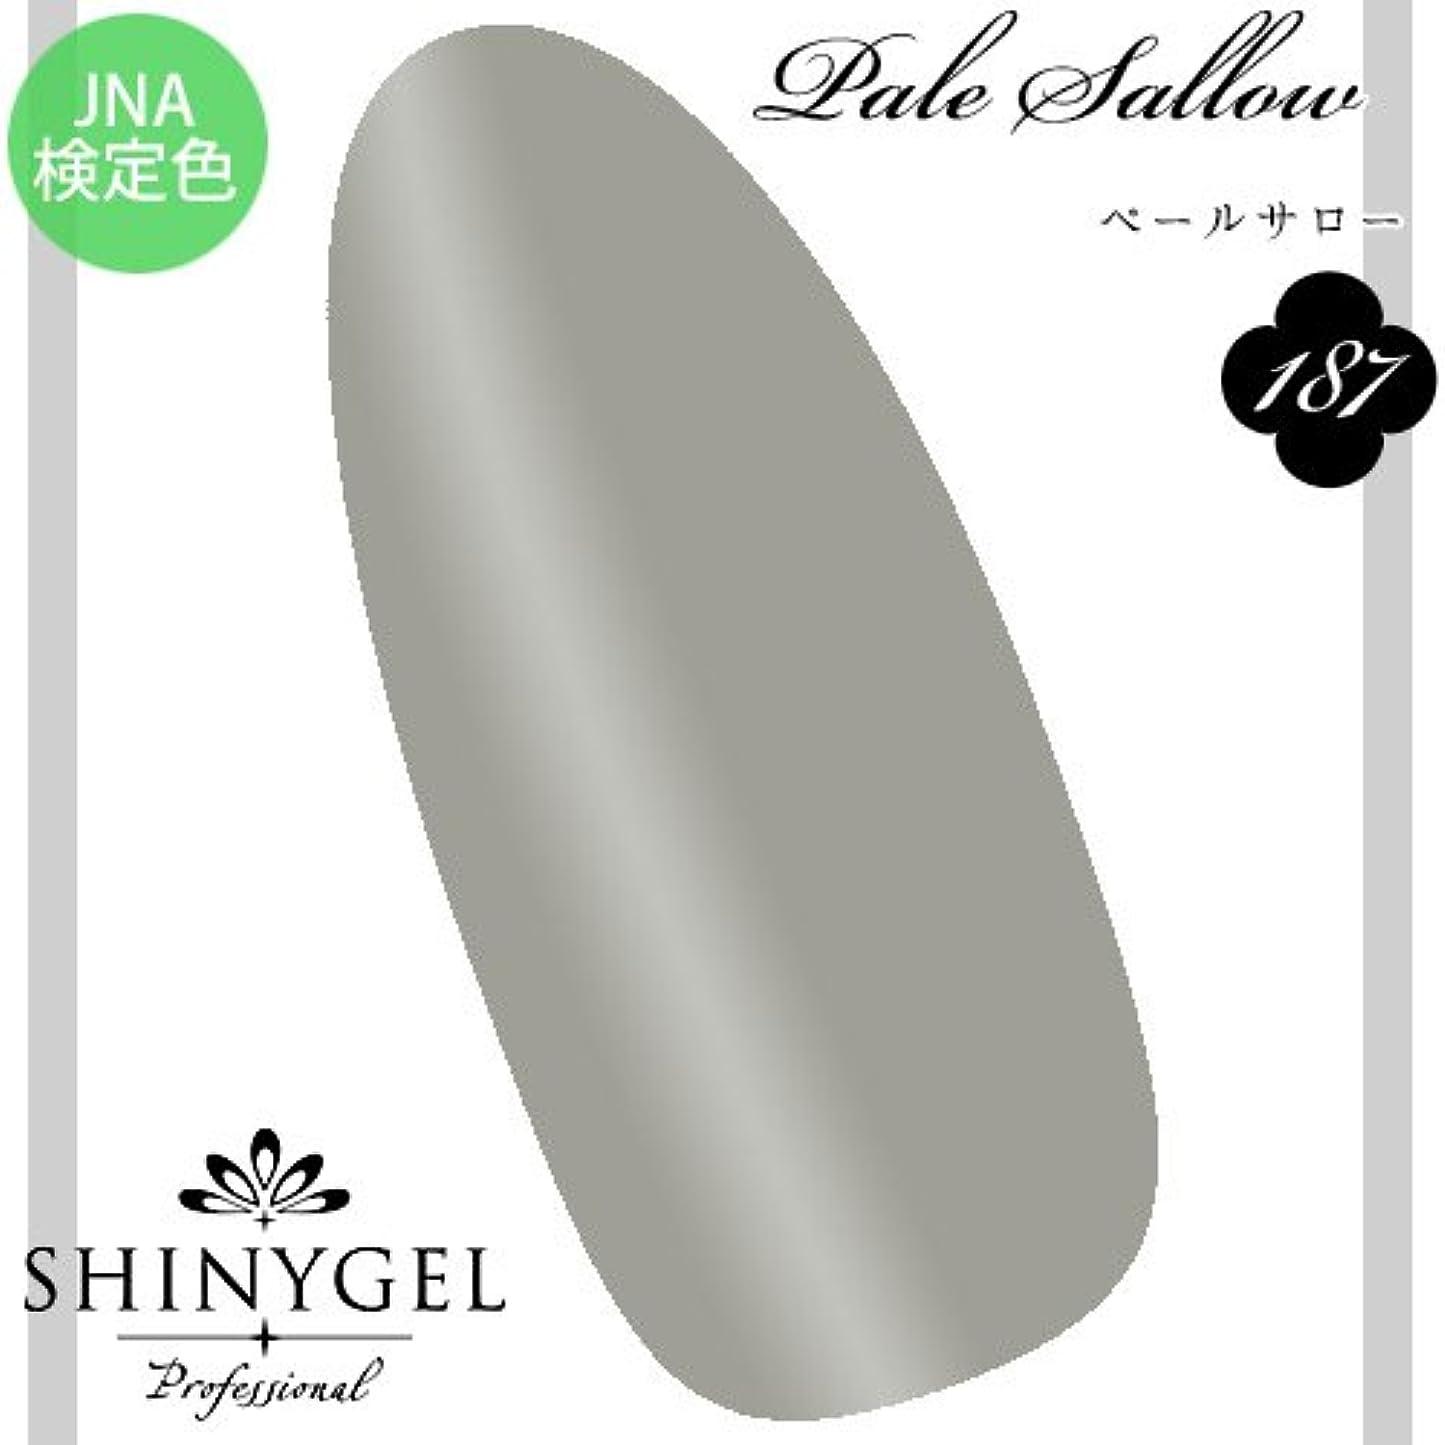 解放ポンペイ繊維SHINY GEL カラージェル 187 4g ペールサロー 上品で落ち着いた印象を与える薄いグレー色 UV/LED対応 JNA検定色